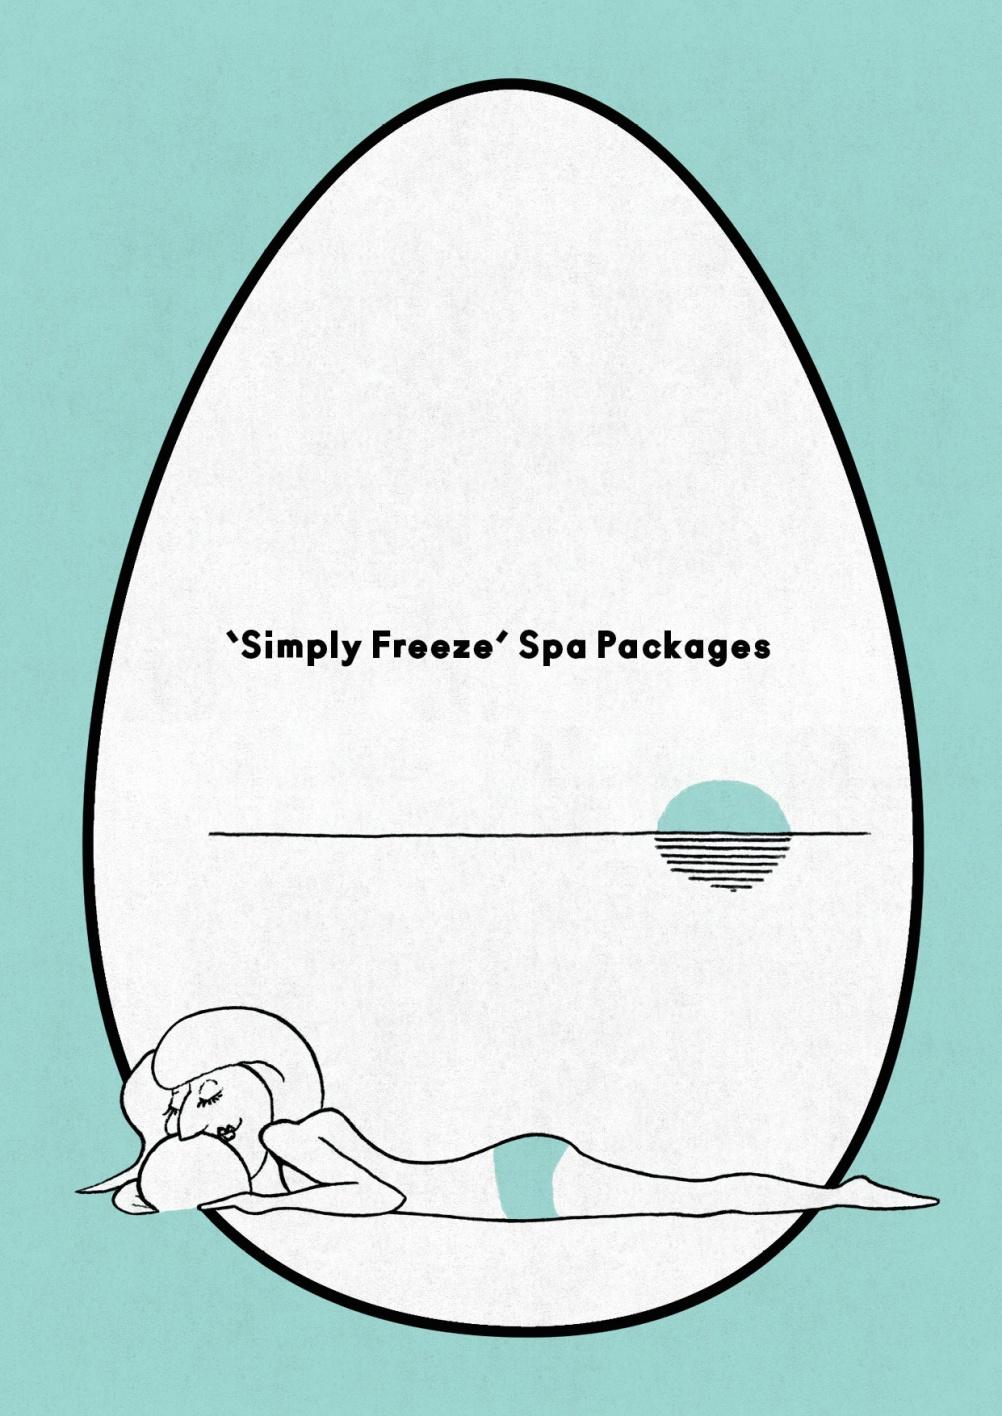 03_postcard illustration by Jonny Glover